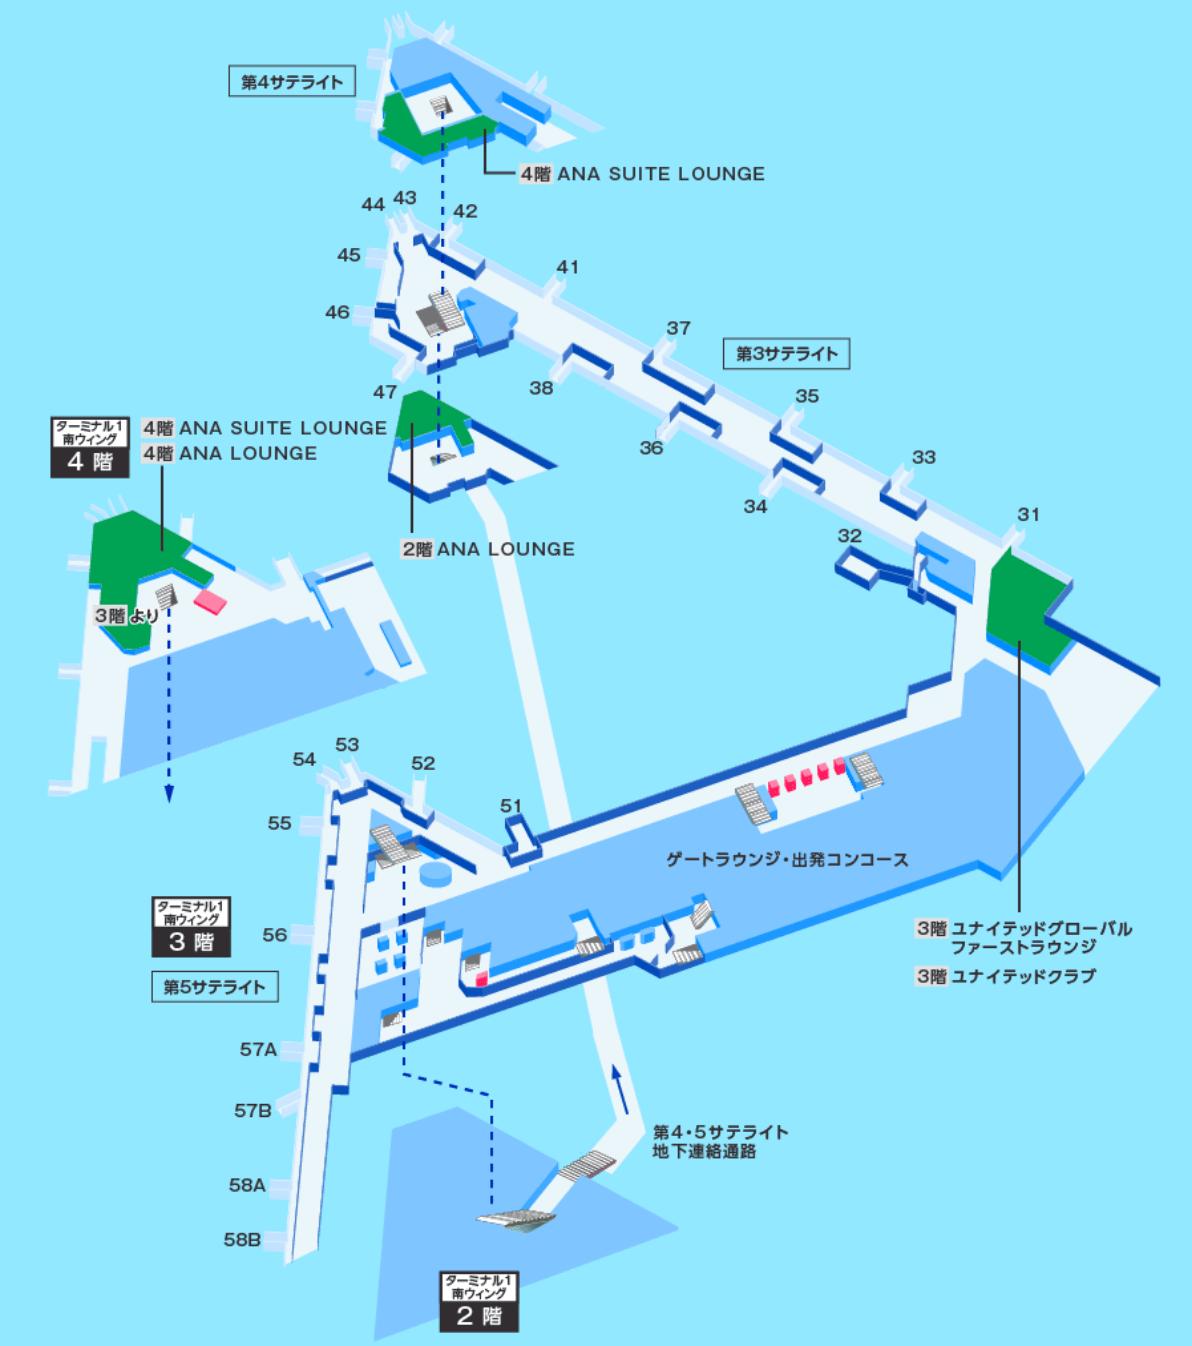 成田空港ANAラウンジへのアクセス方法